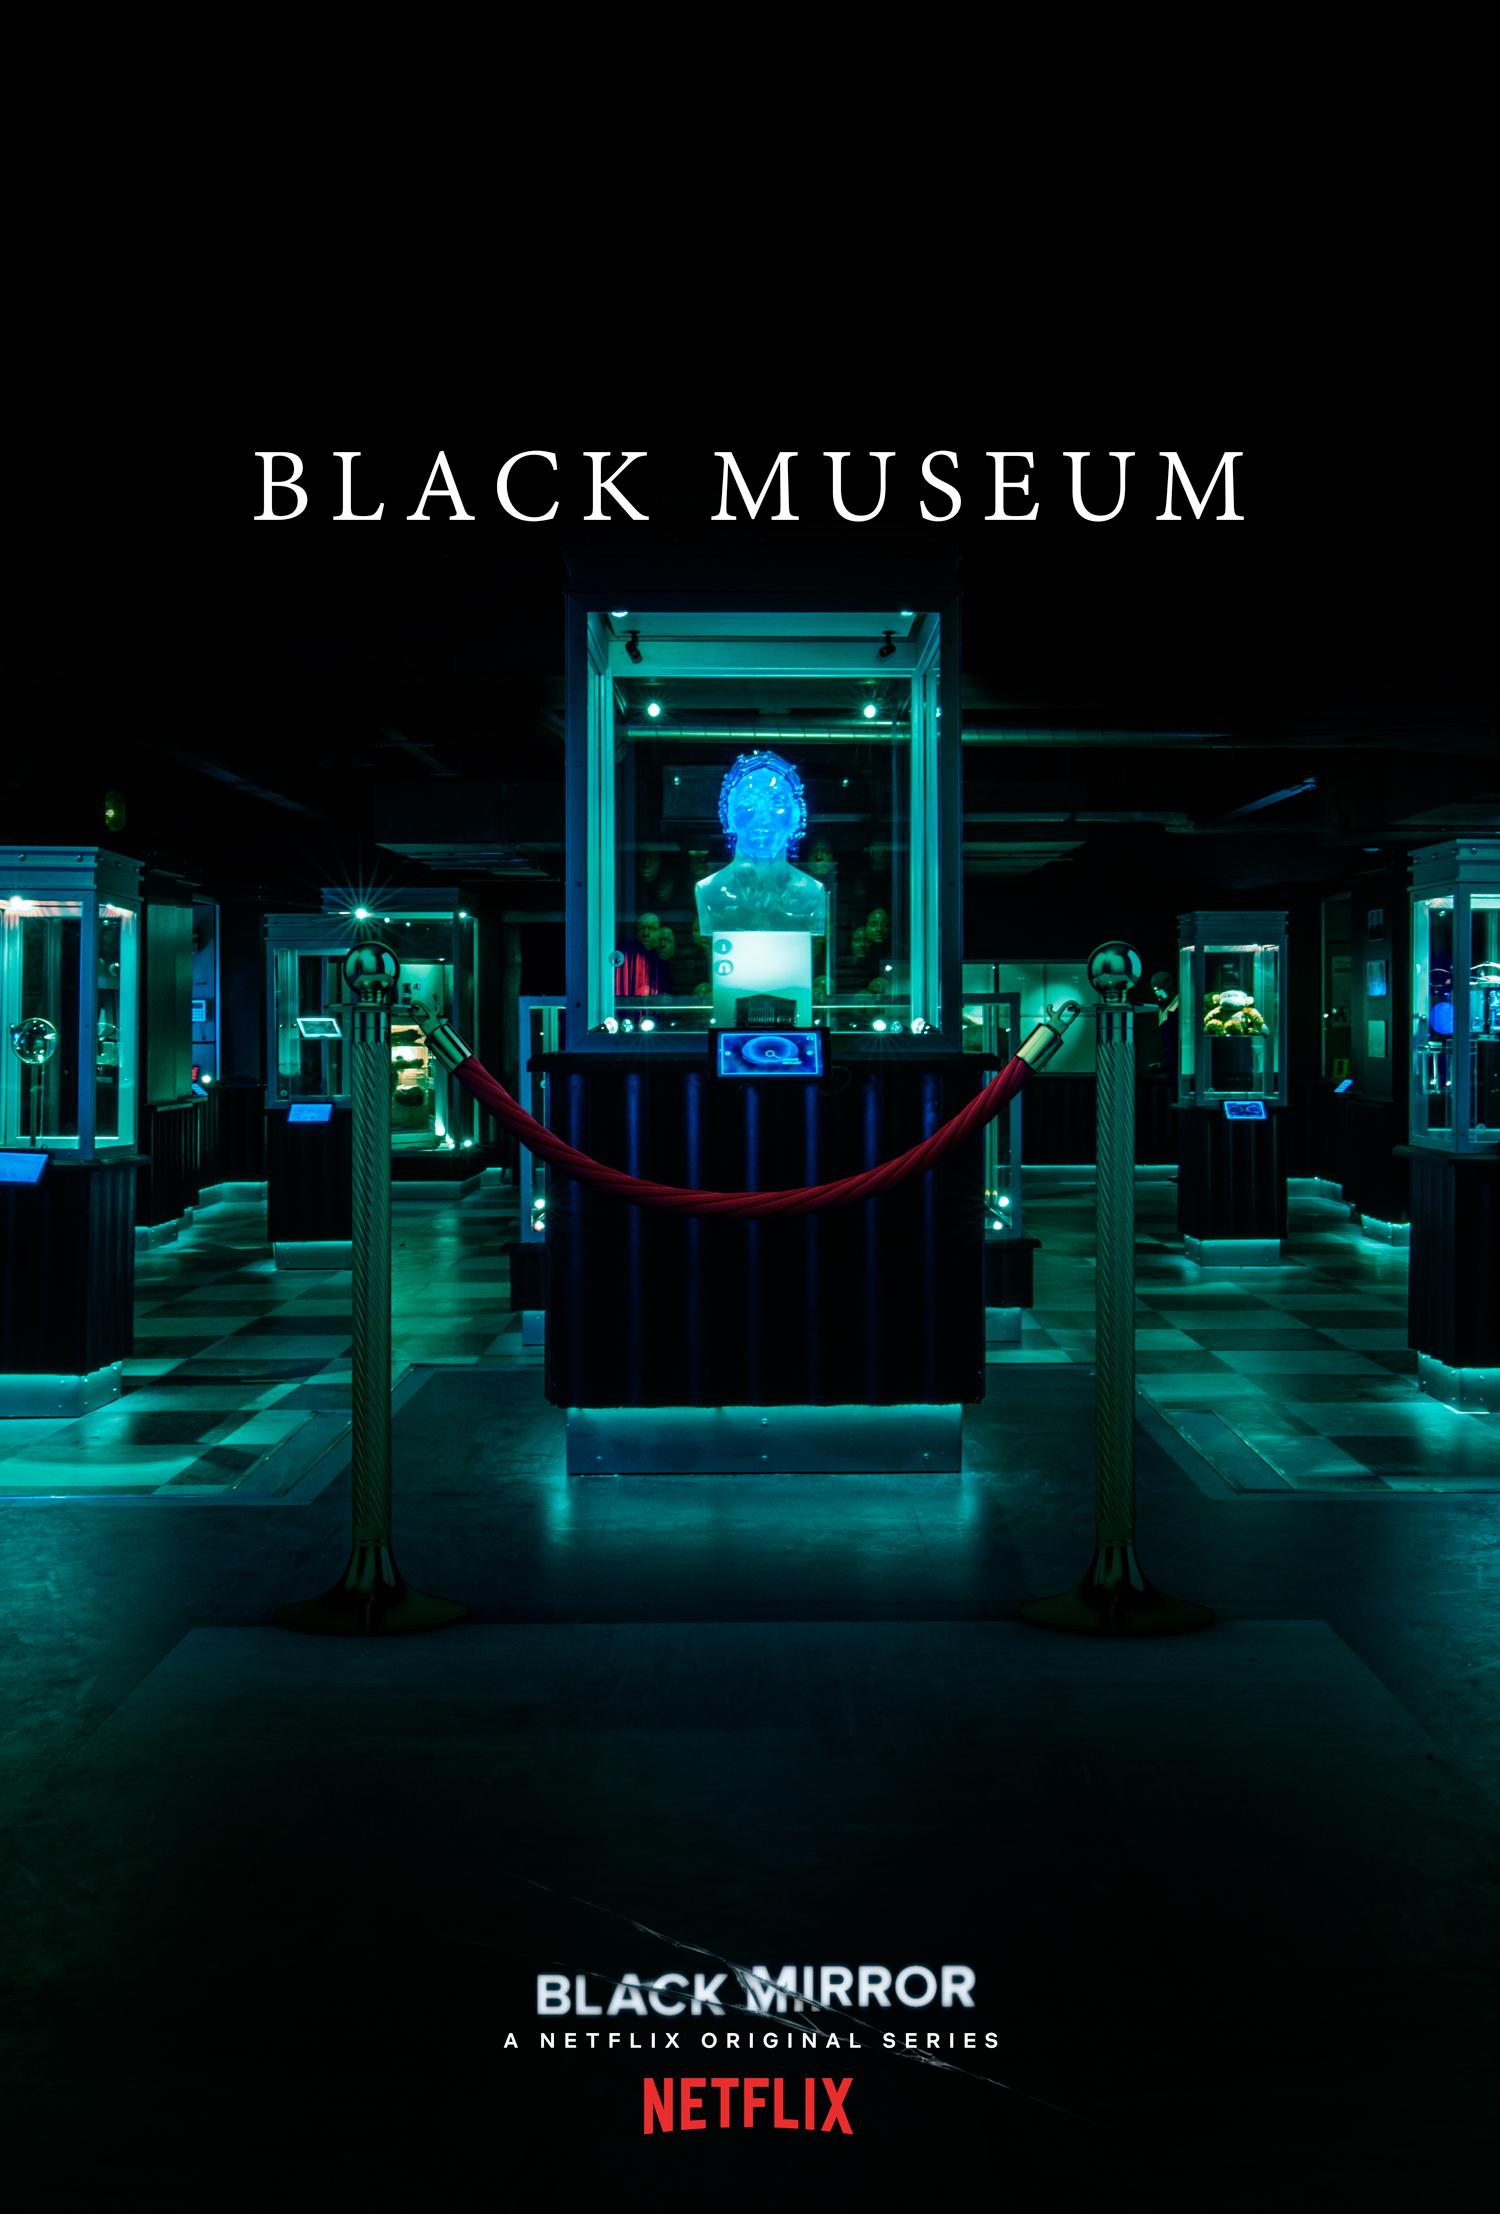 Black Museum